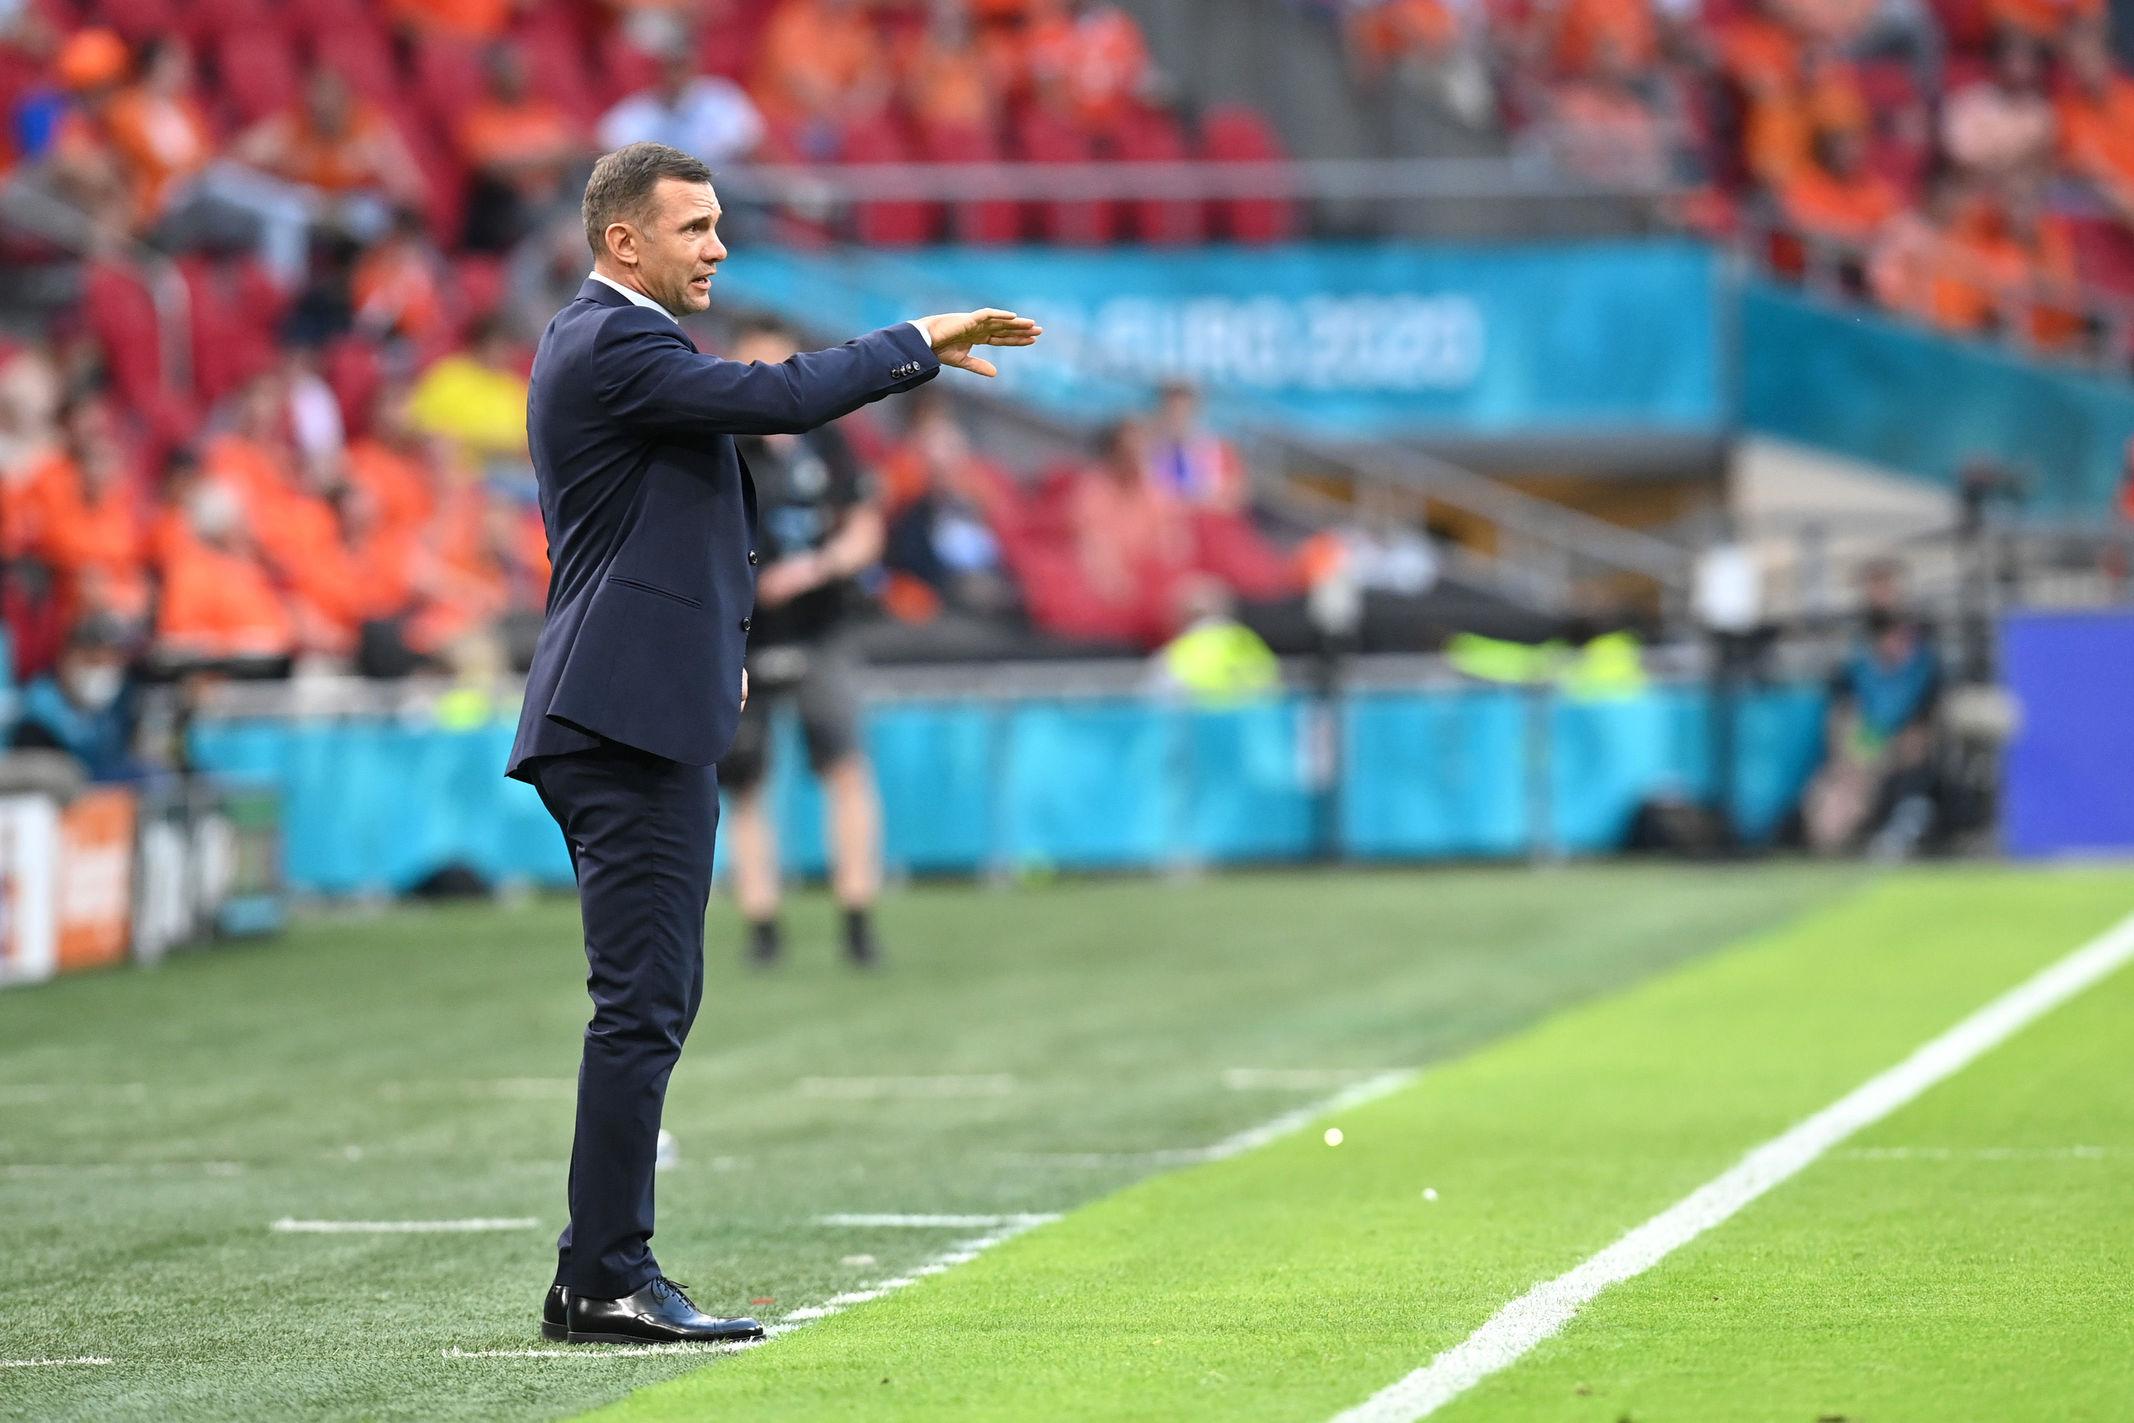 Евро-2020. Нидерланды – Украина 3:2. Пятиминутного вдохновения мало - нужно расширять плейлист - изображение 6